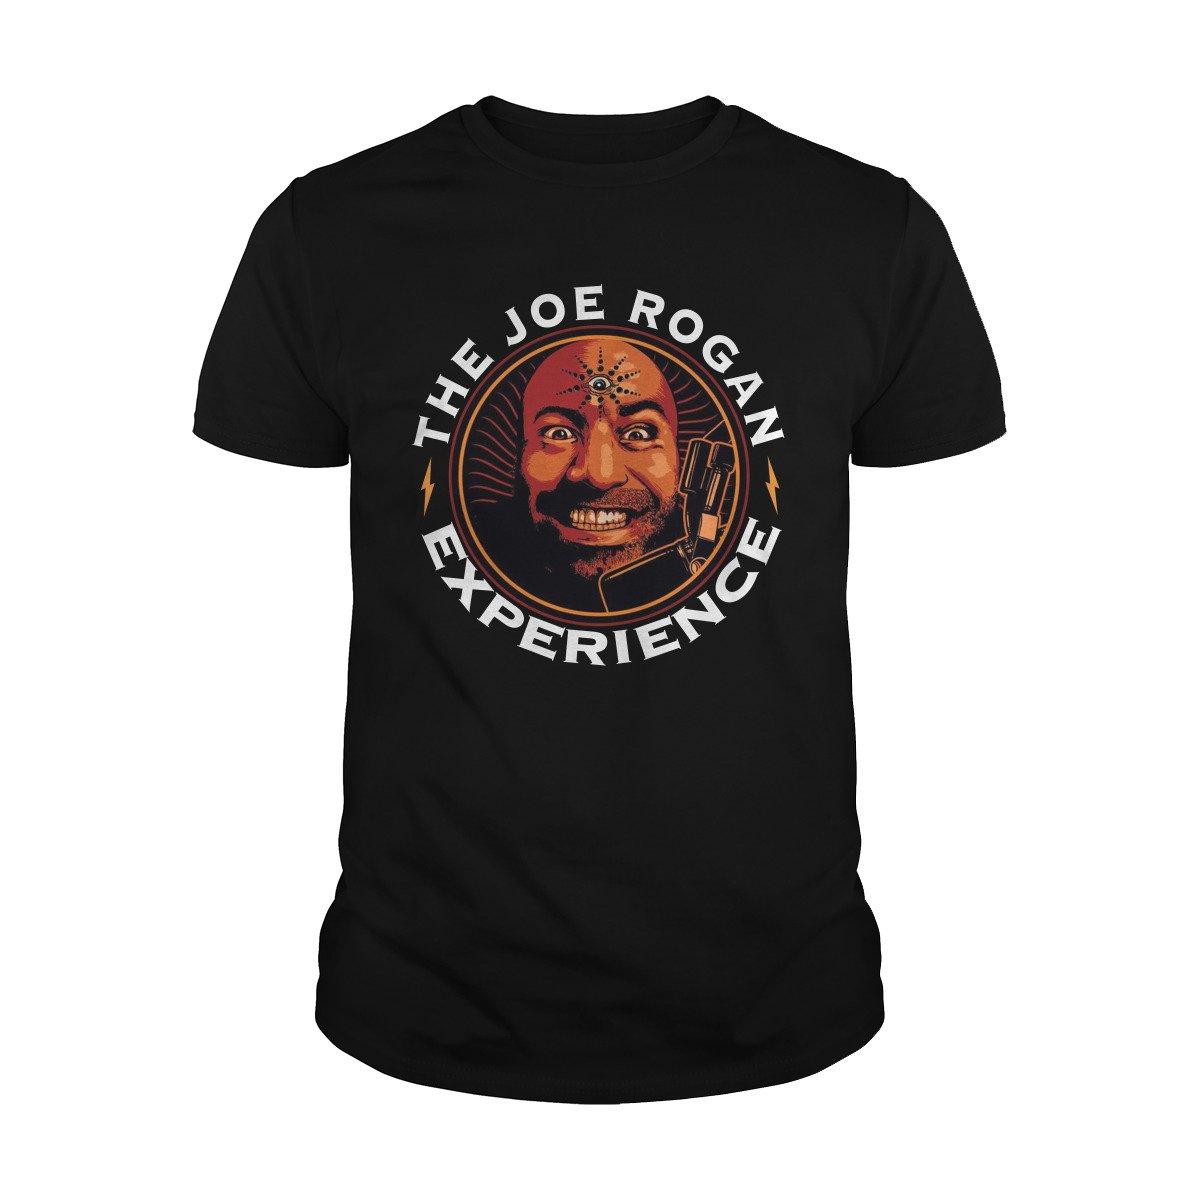 The Joe Rogan Experience T Shirt 1576